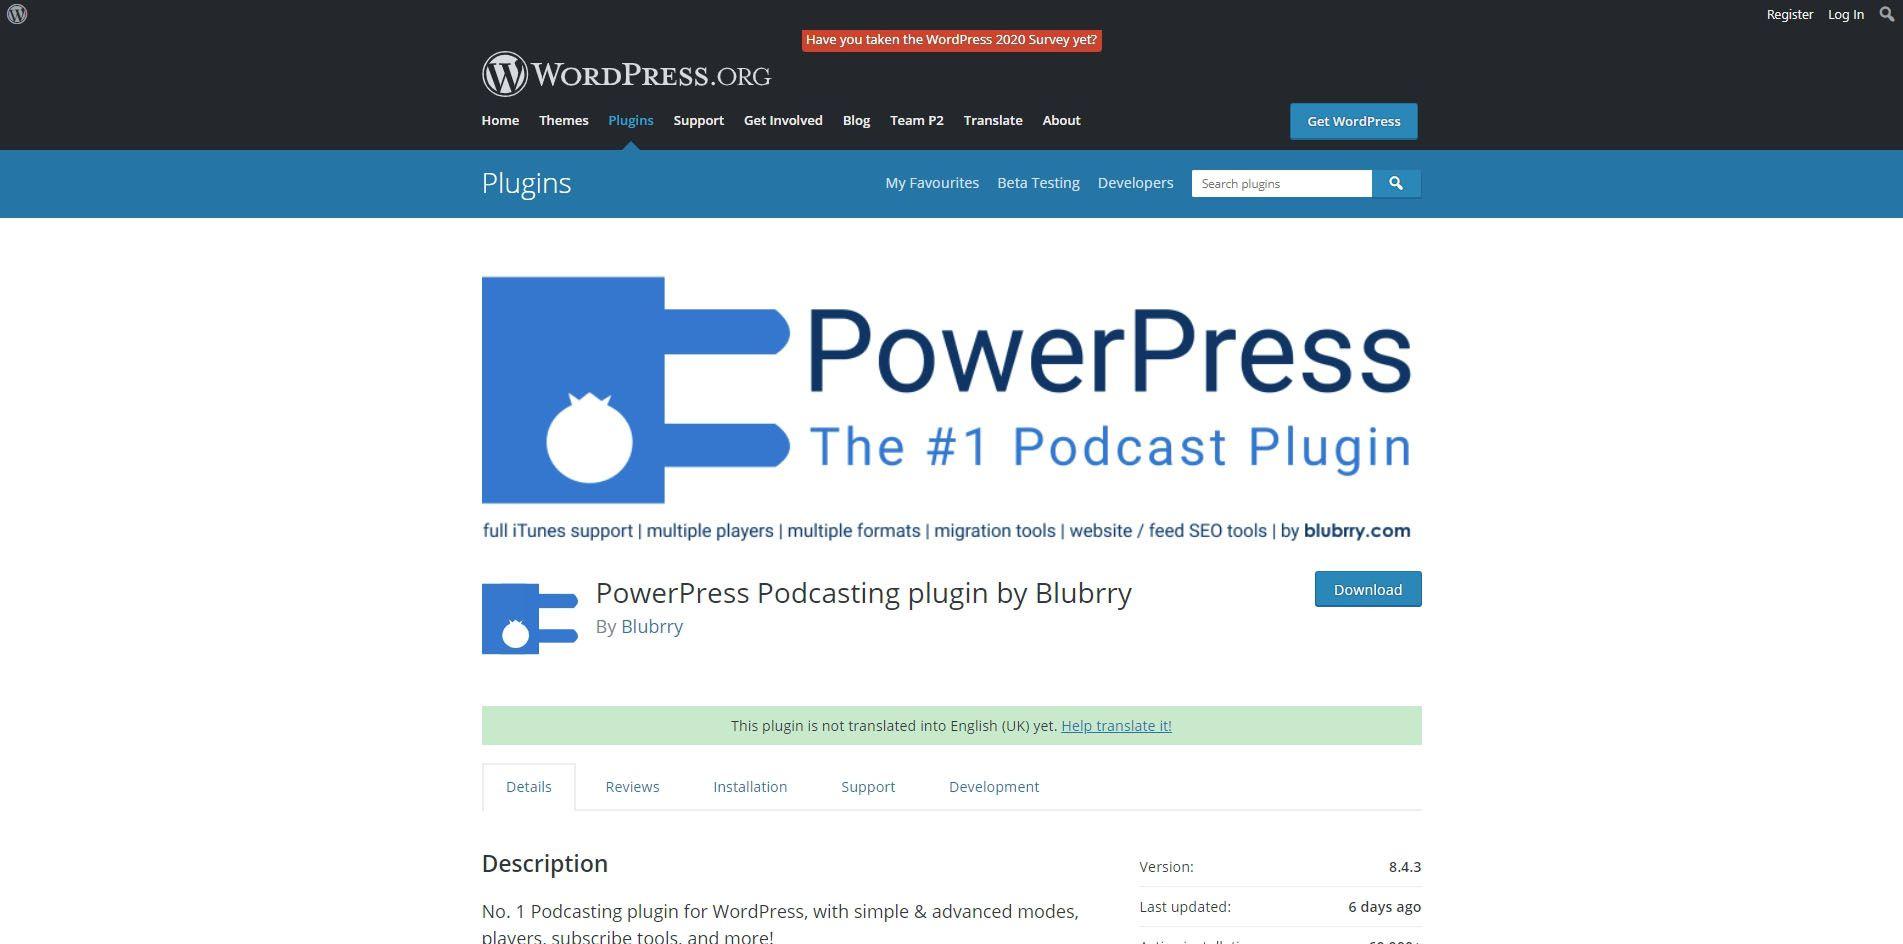 PowerPress plugin.